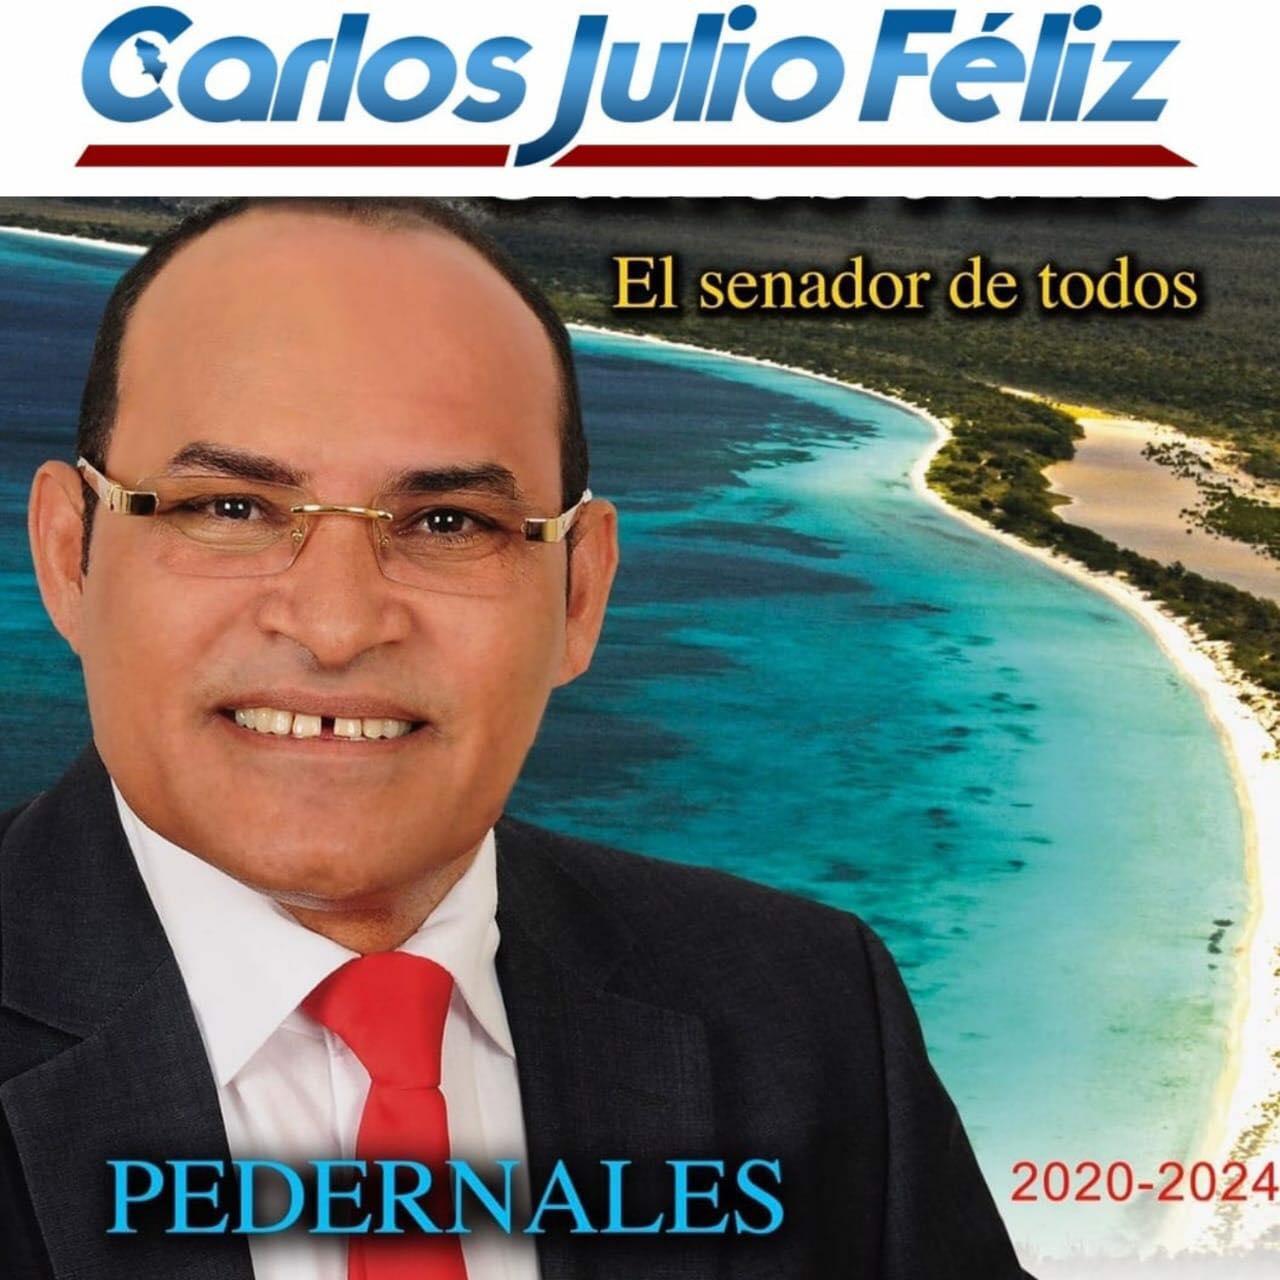 LO QUE PEDERNALES NECESITA CARLOS JULIO FELIZ SENADOR